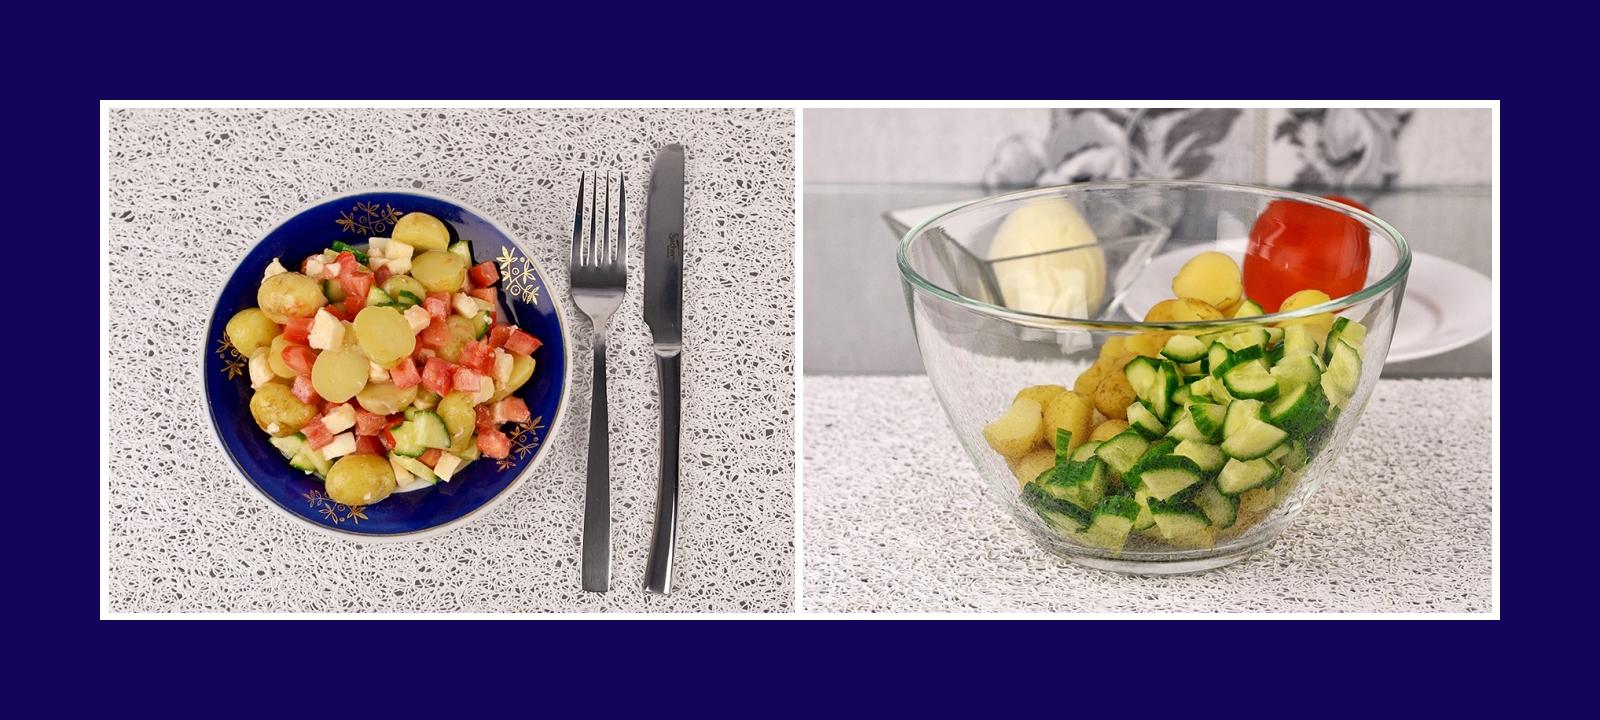 Italienischer Salat mit Frühkartoffeln und Gurken